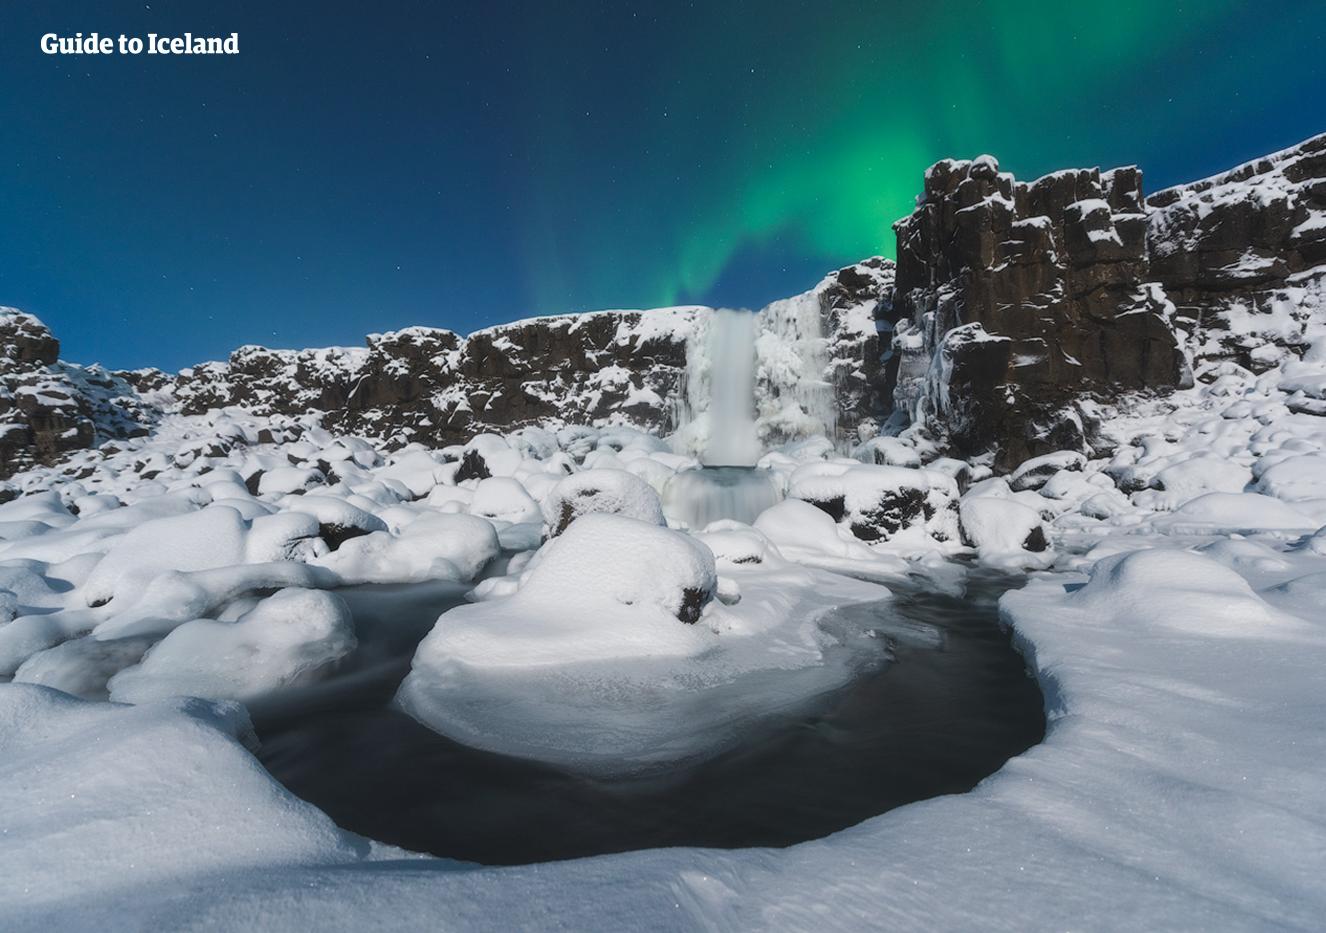 冰岛黄金圈的辛格维利尔国家公园上空的北极光